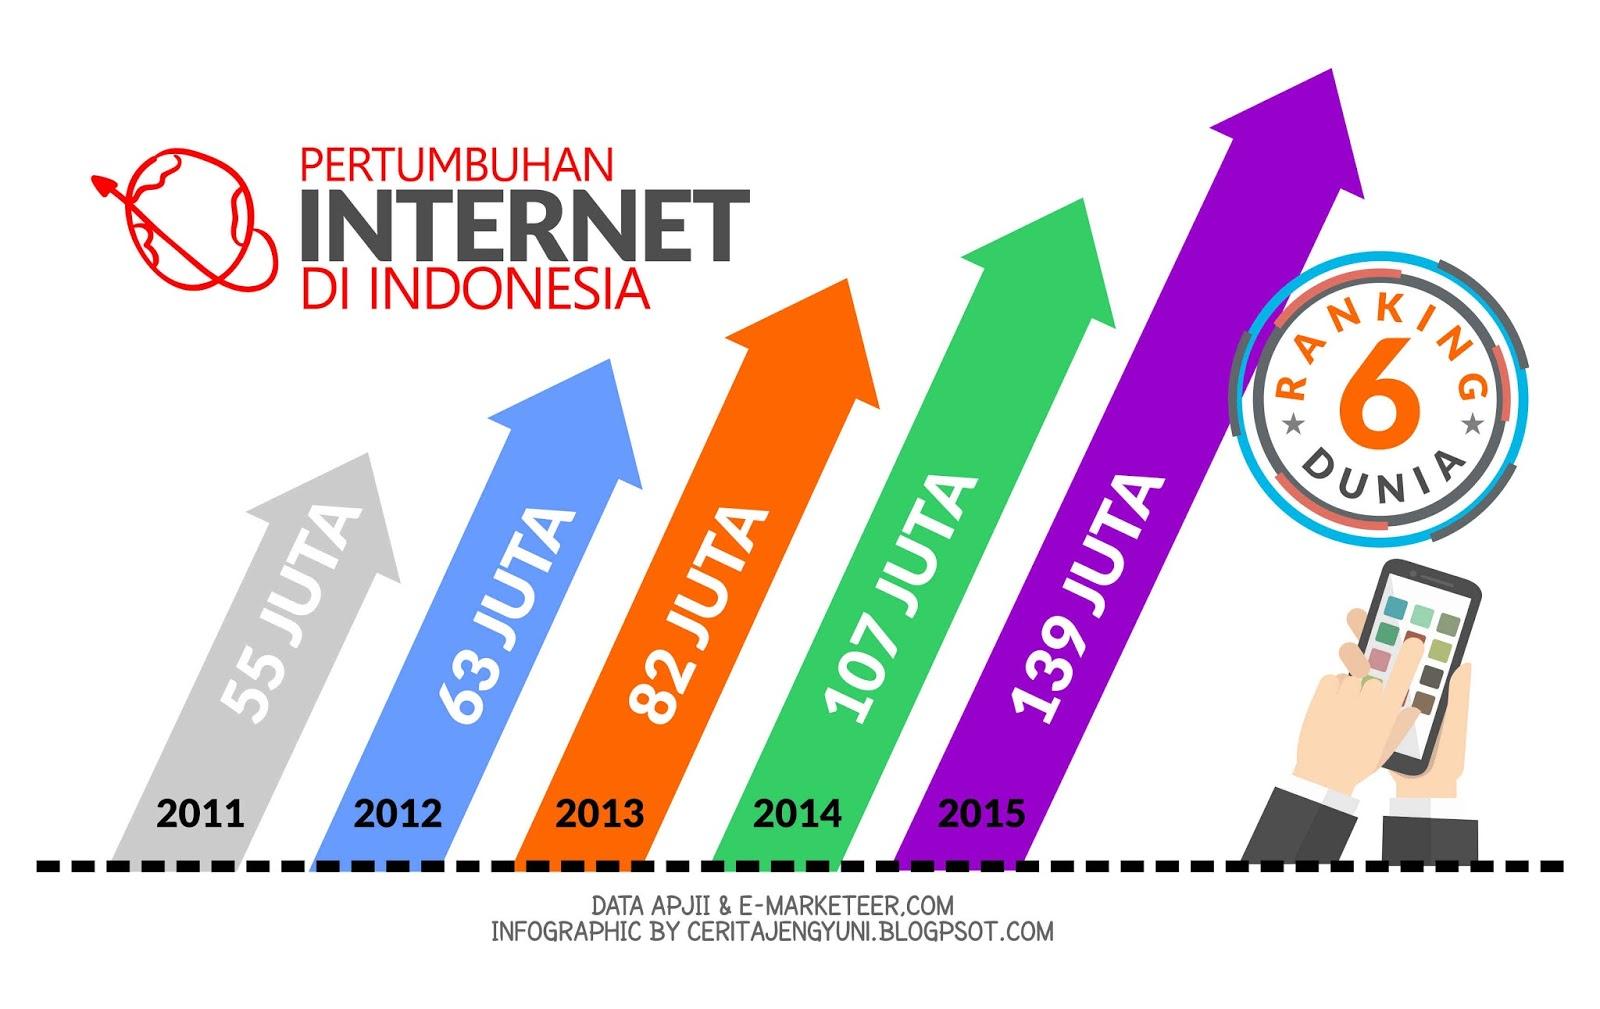 Pertumbuhan Internet di Indonesiaa